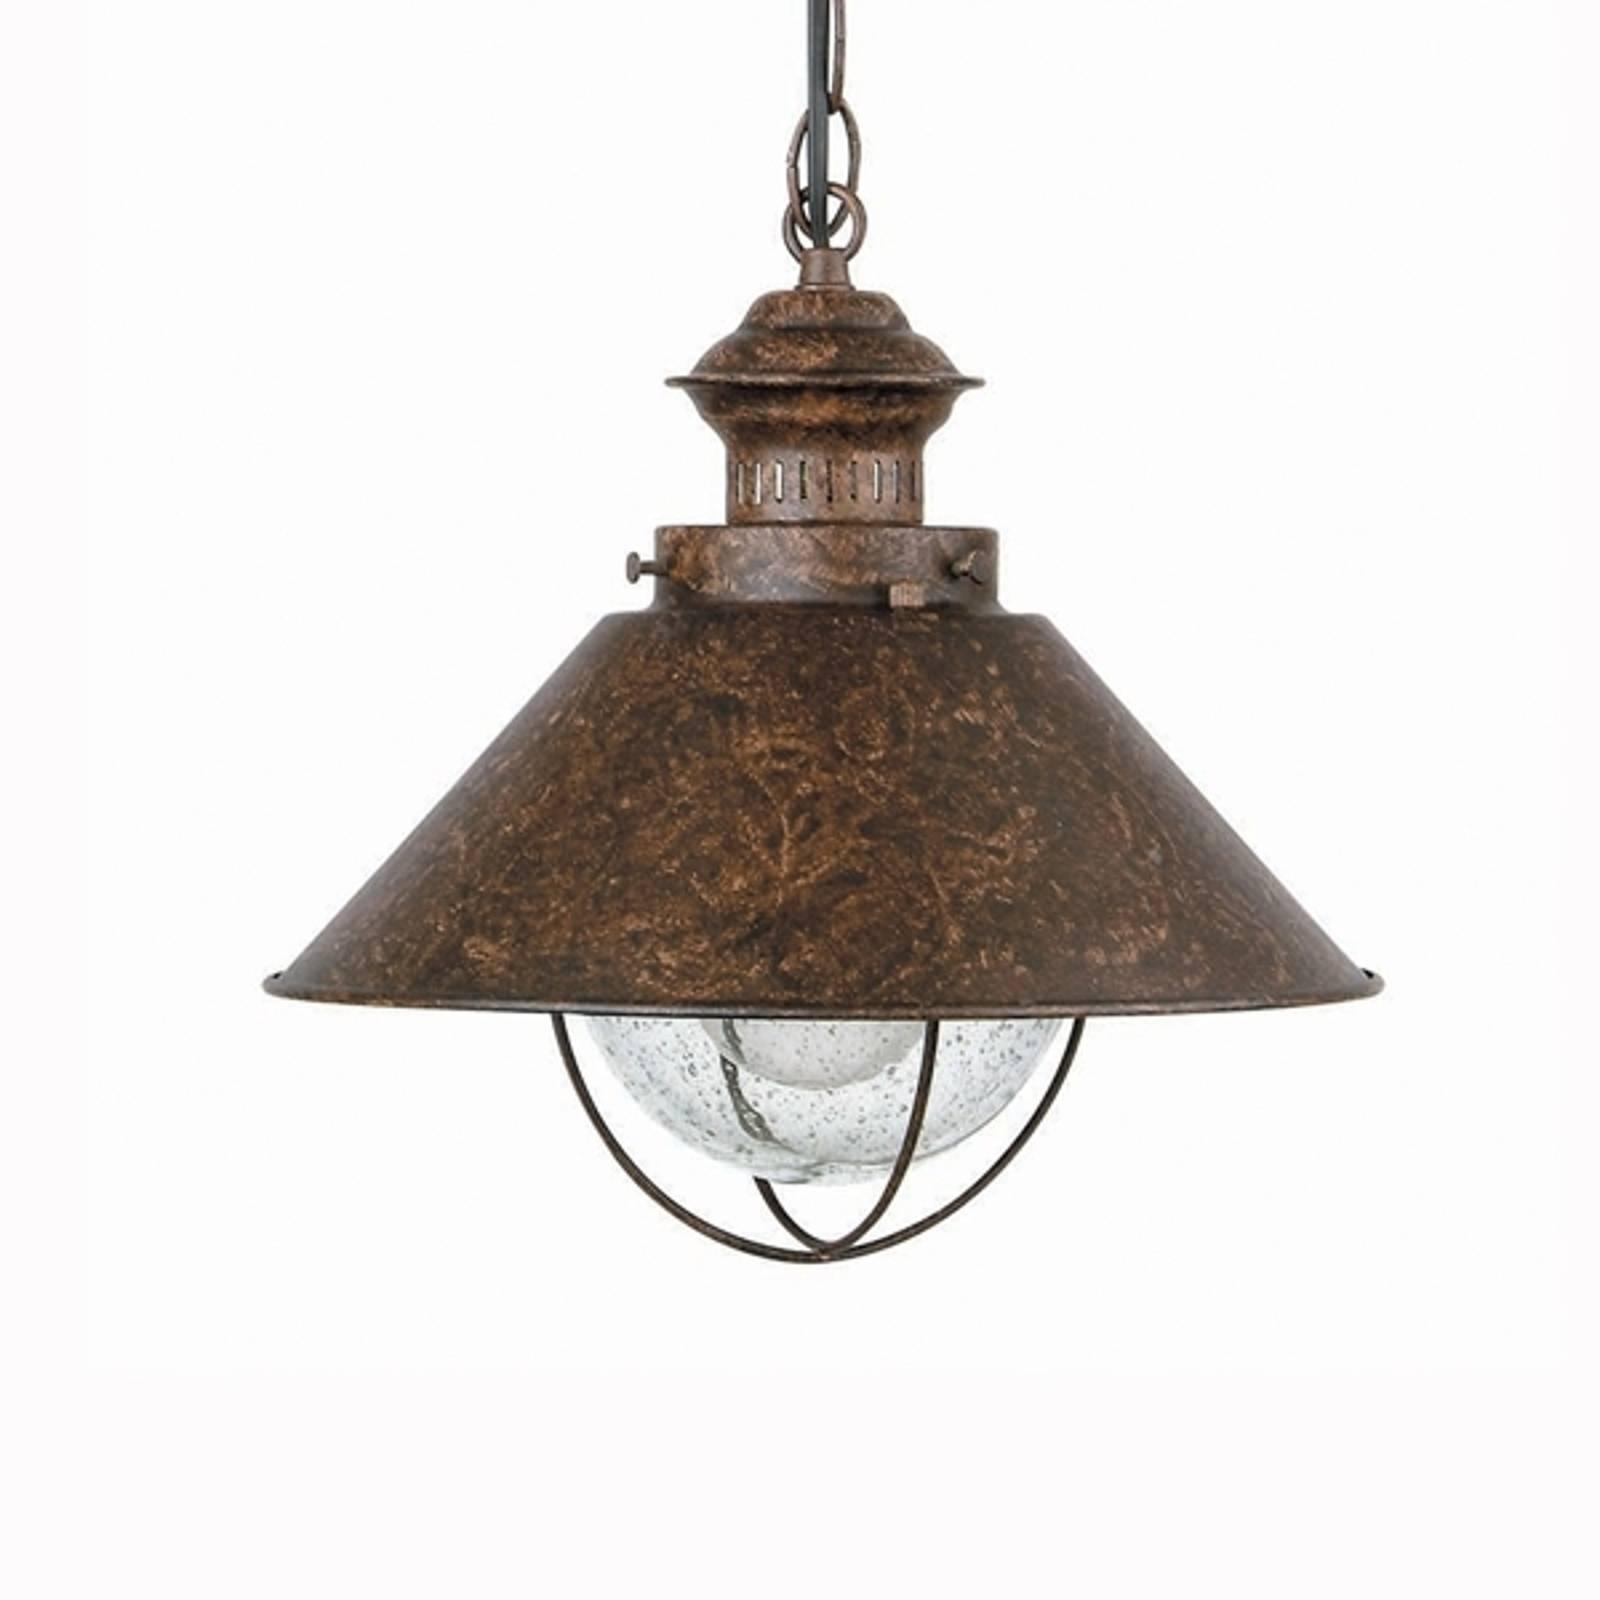 Hanglamp Nautica met robuuste look, 34,5 cm